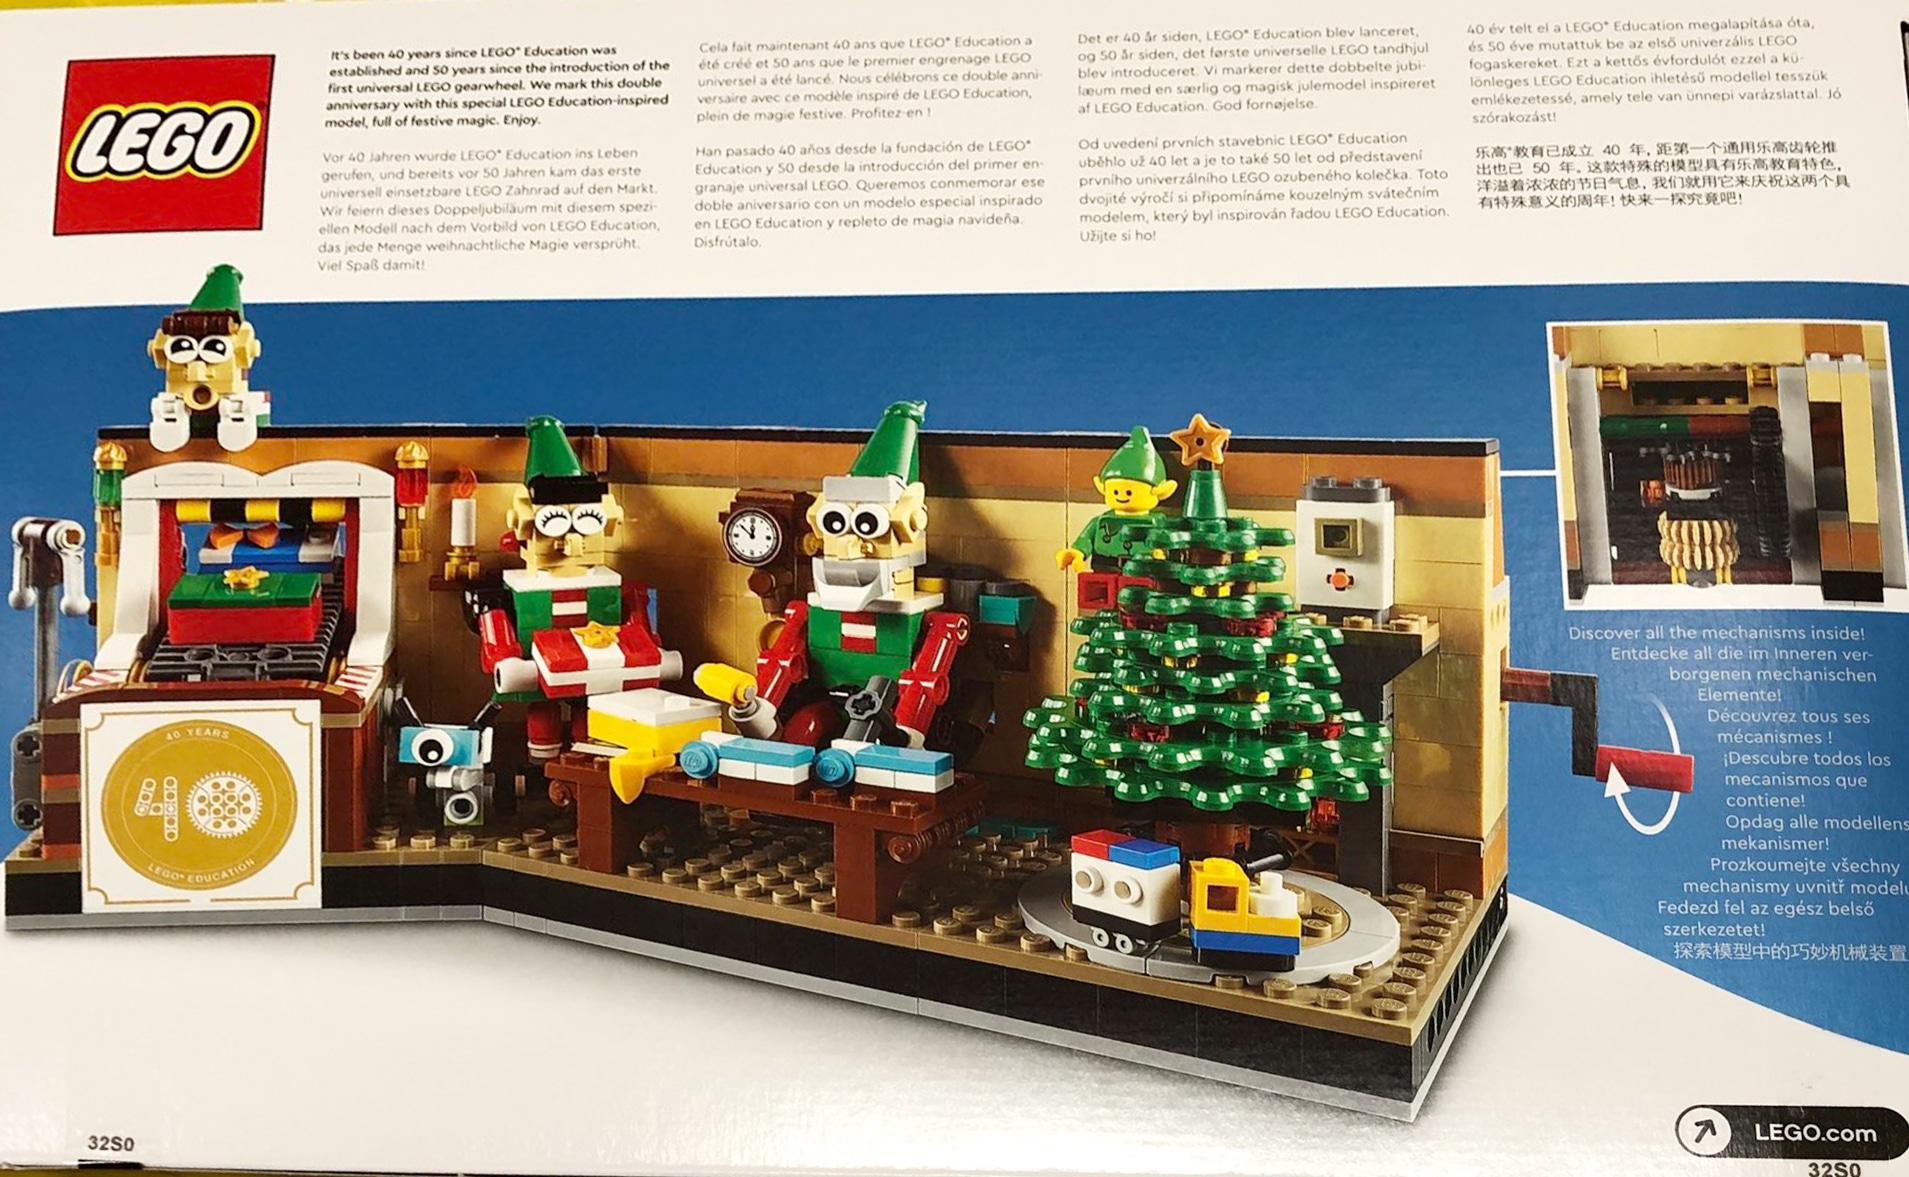 LEGO 4002020 Mitarbeiter Weihnachten (5)